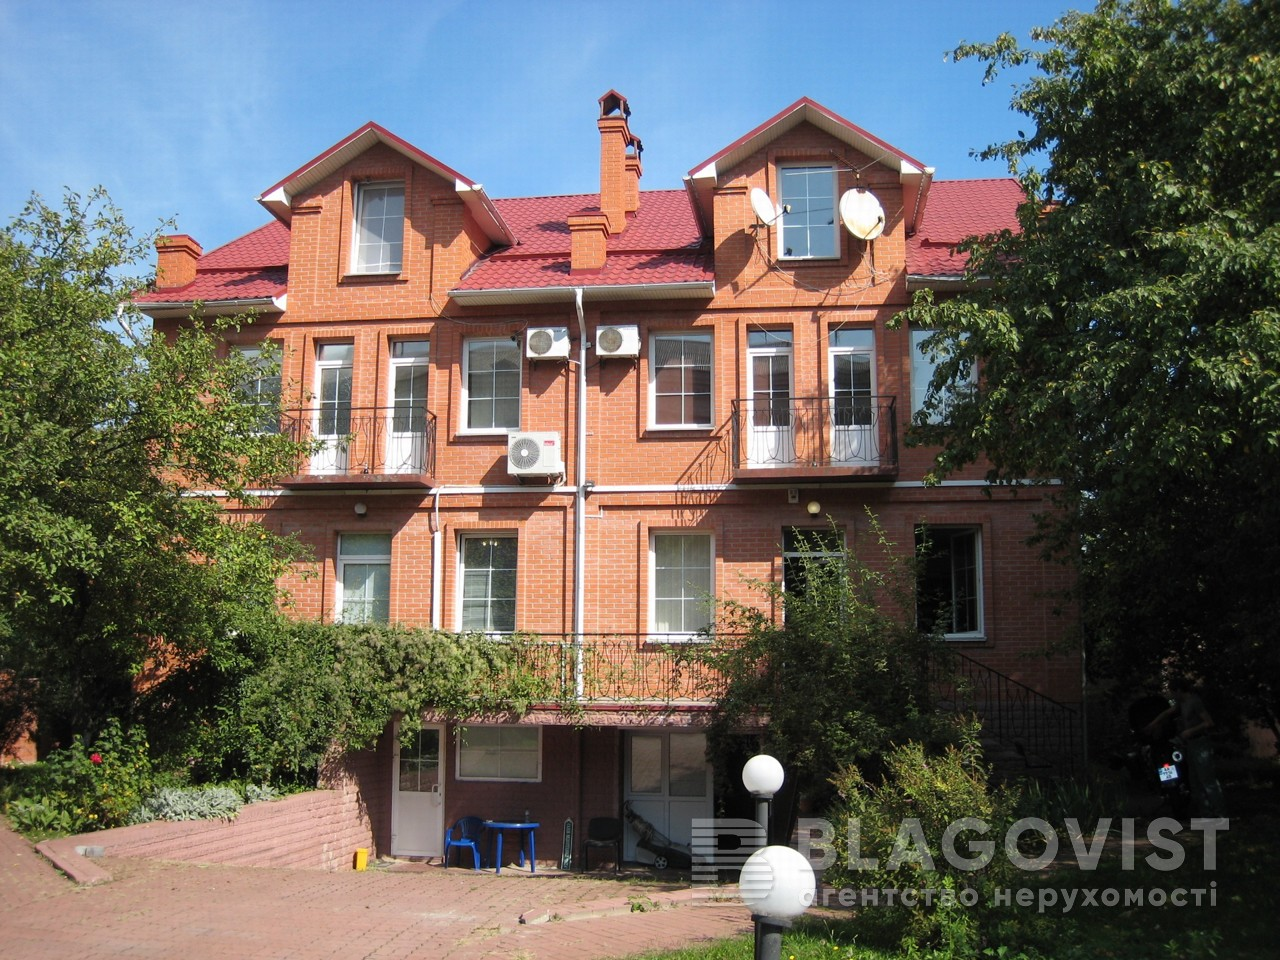 Нежилое помещение, H-43050, Нагорная, Киев - Фото 2